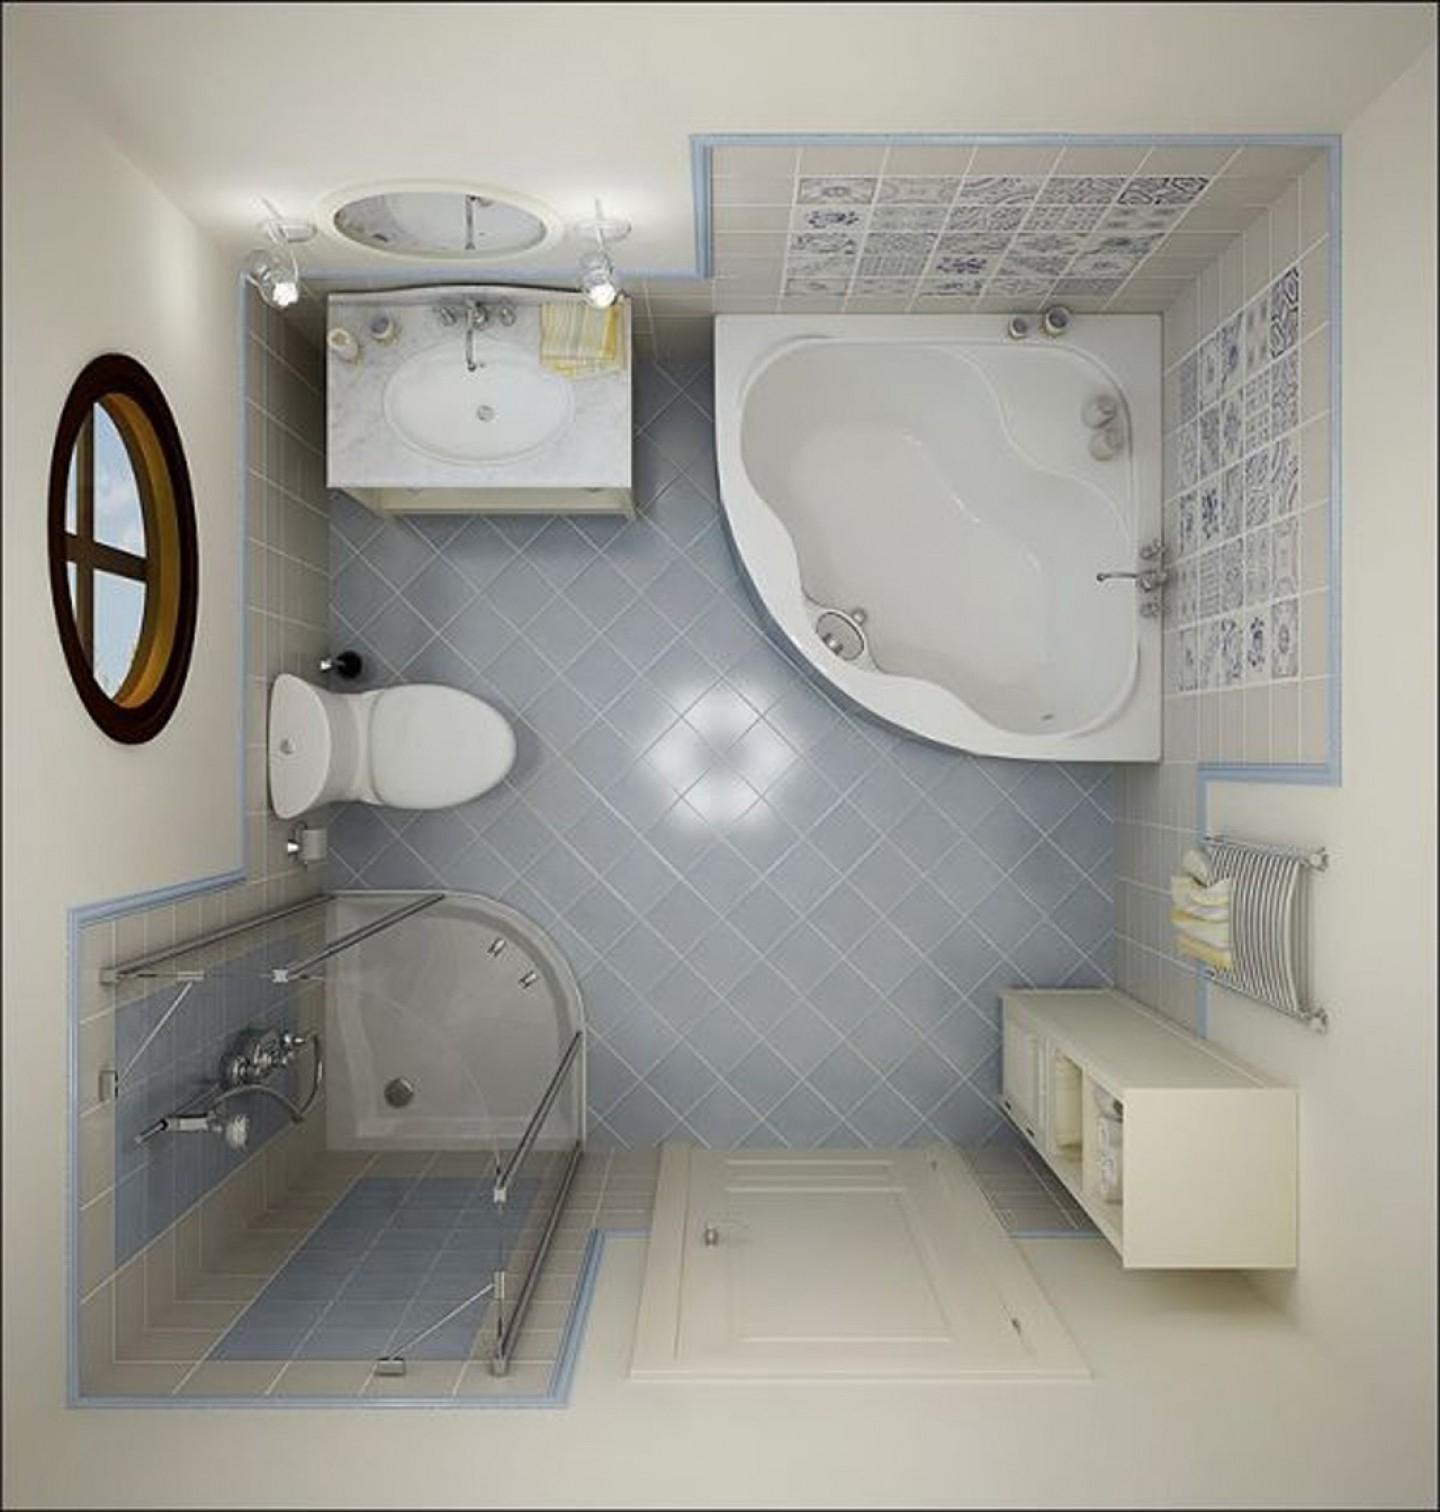 Corner Bathtub Sizes For 2020 Ideas On Foter